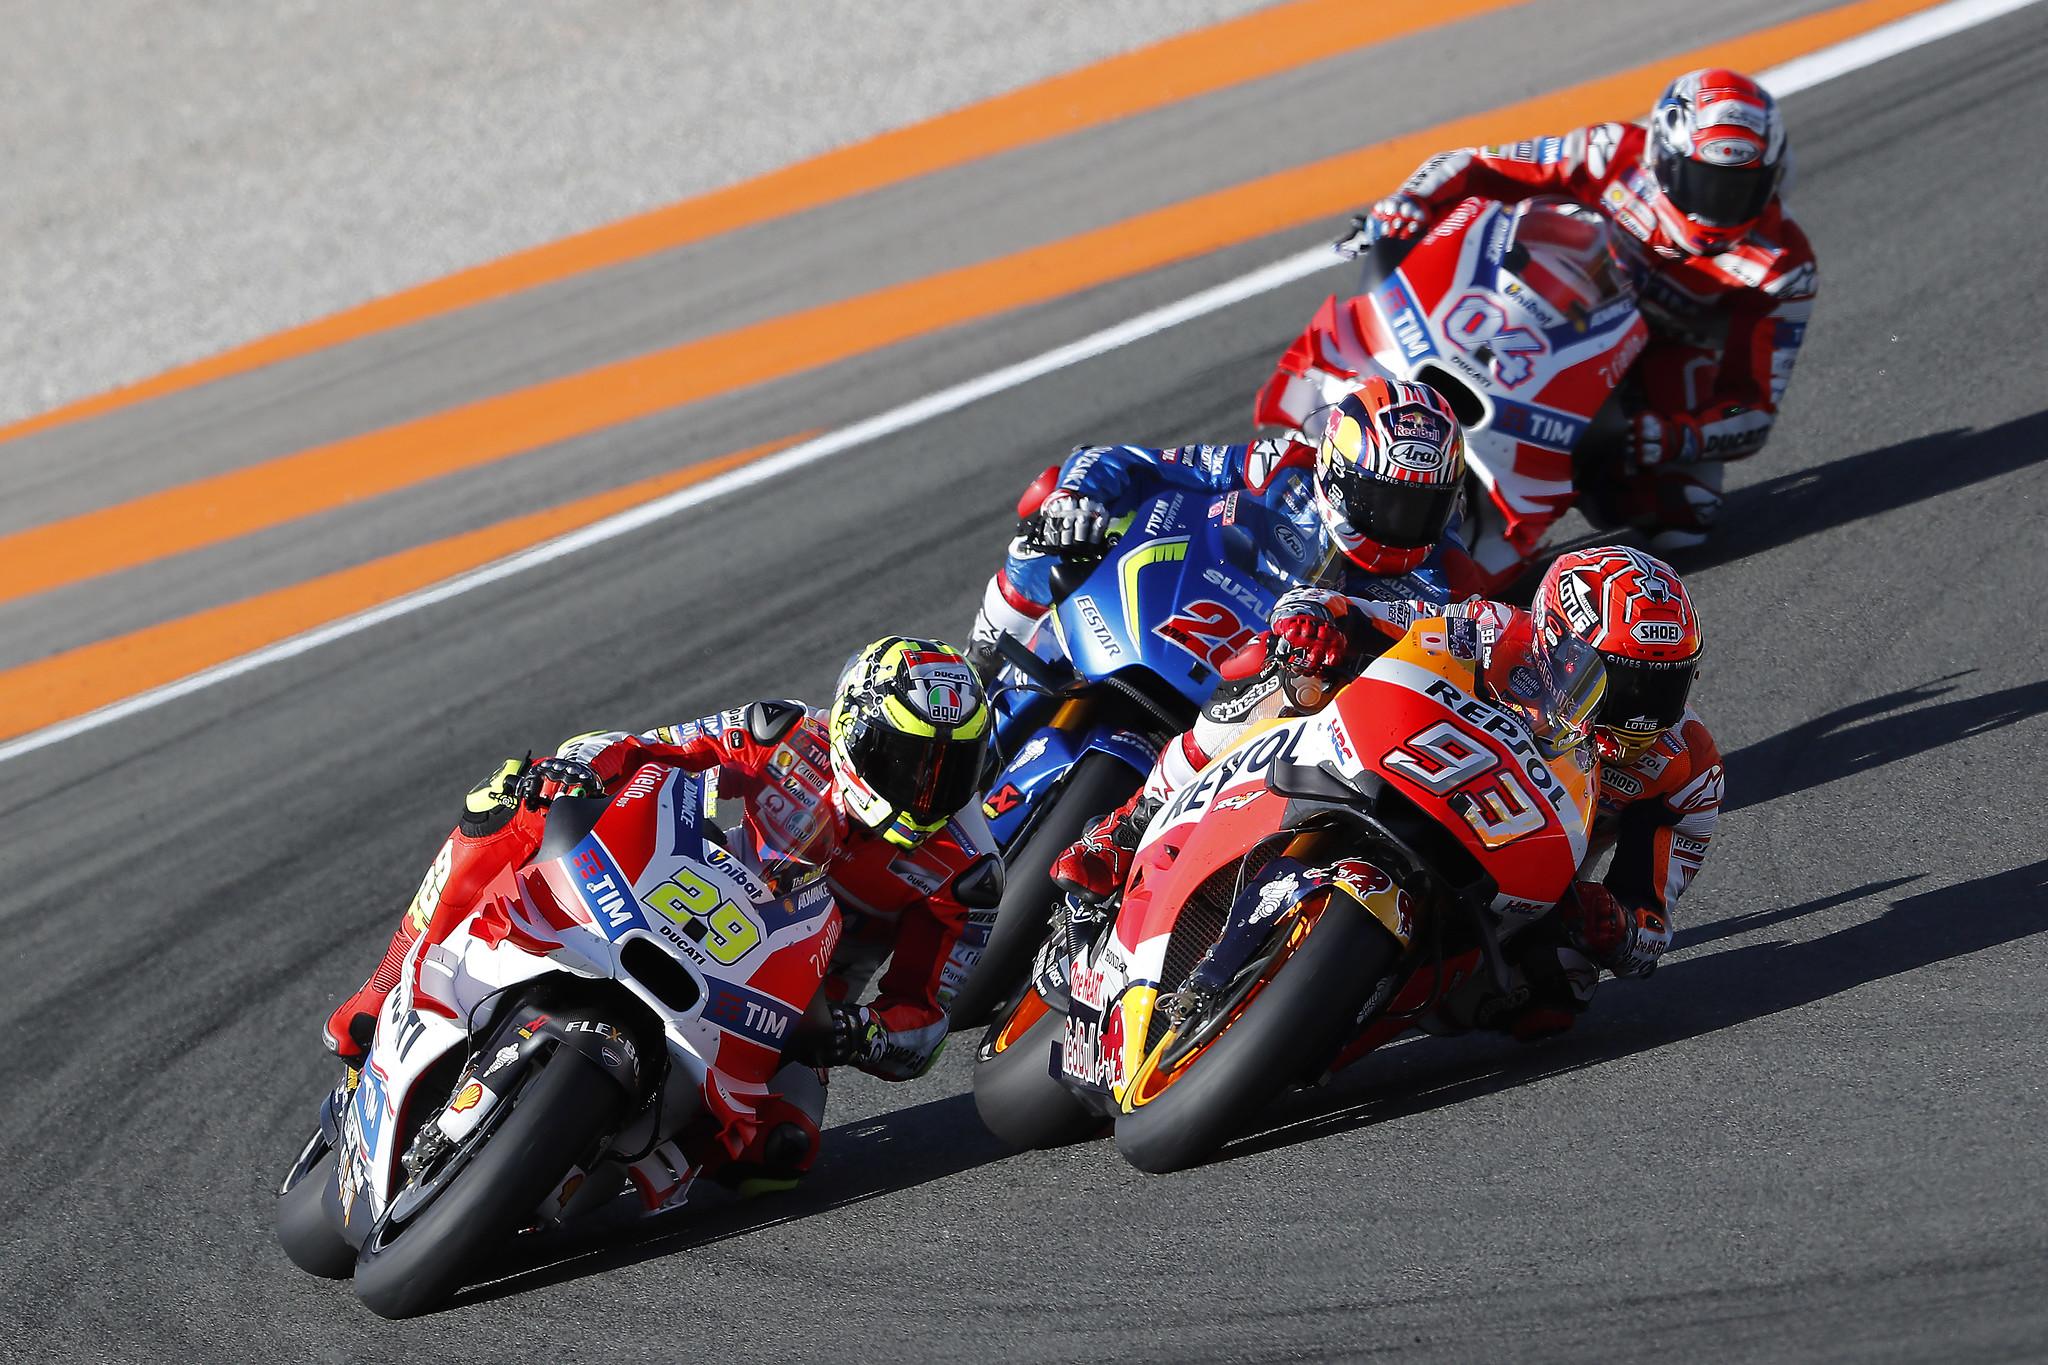 GP Valencia 2016. MotoGP. Marc Márquez